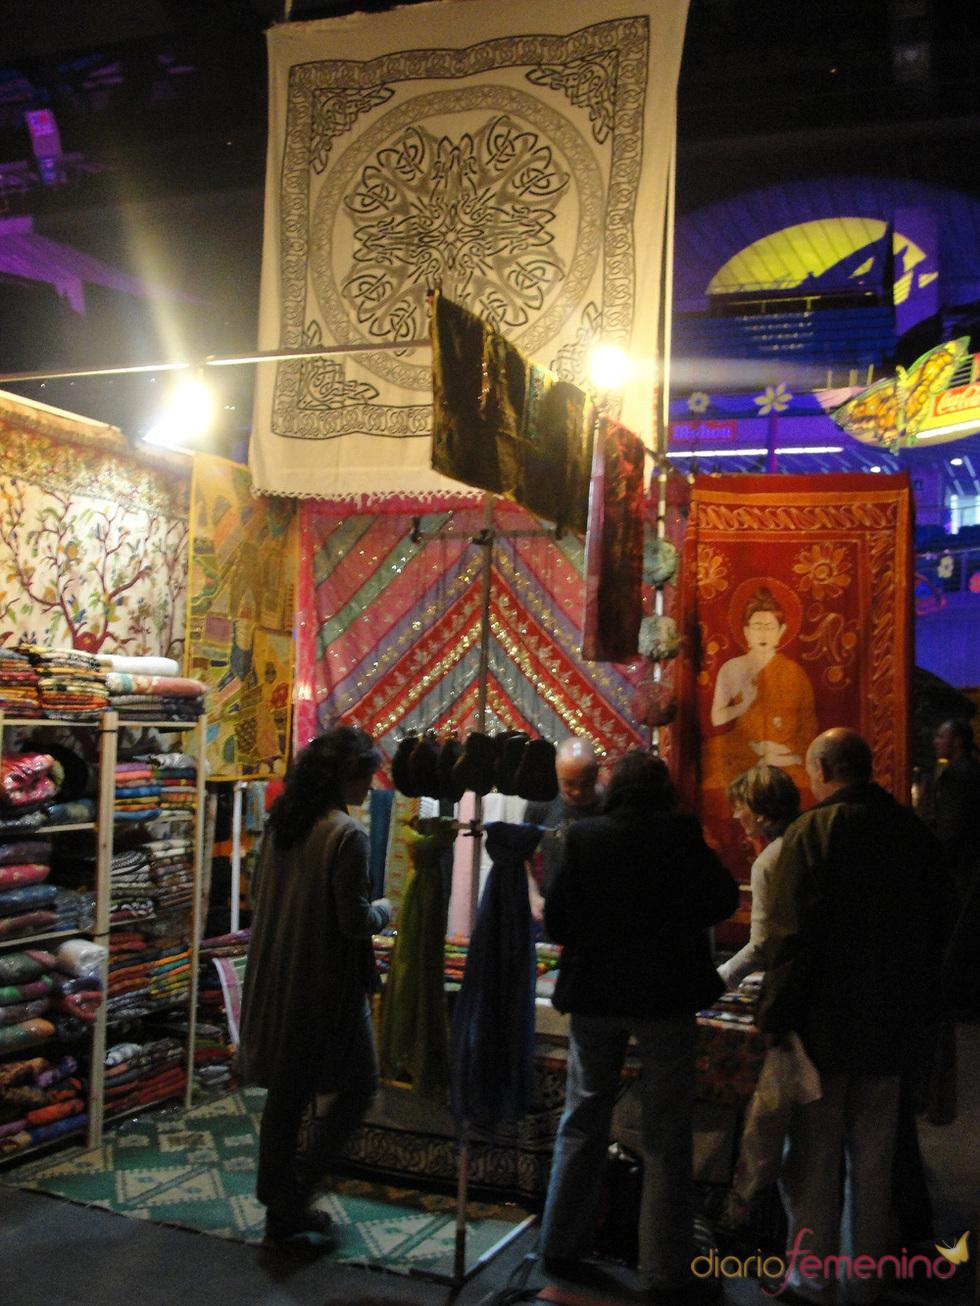 Alfombras y cortinas hippies en el Mercadillo de Las Dalias